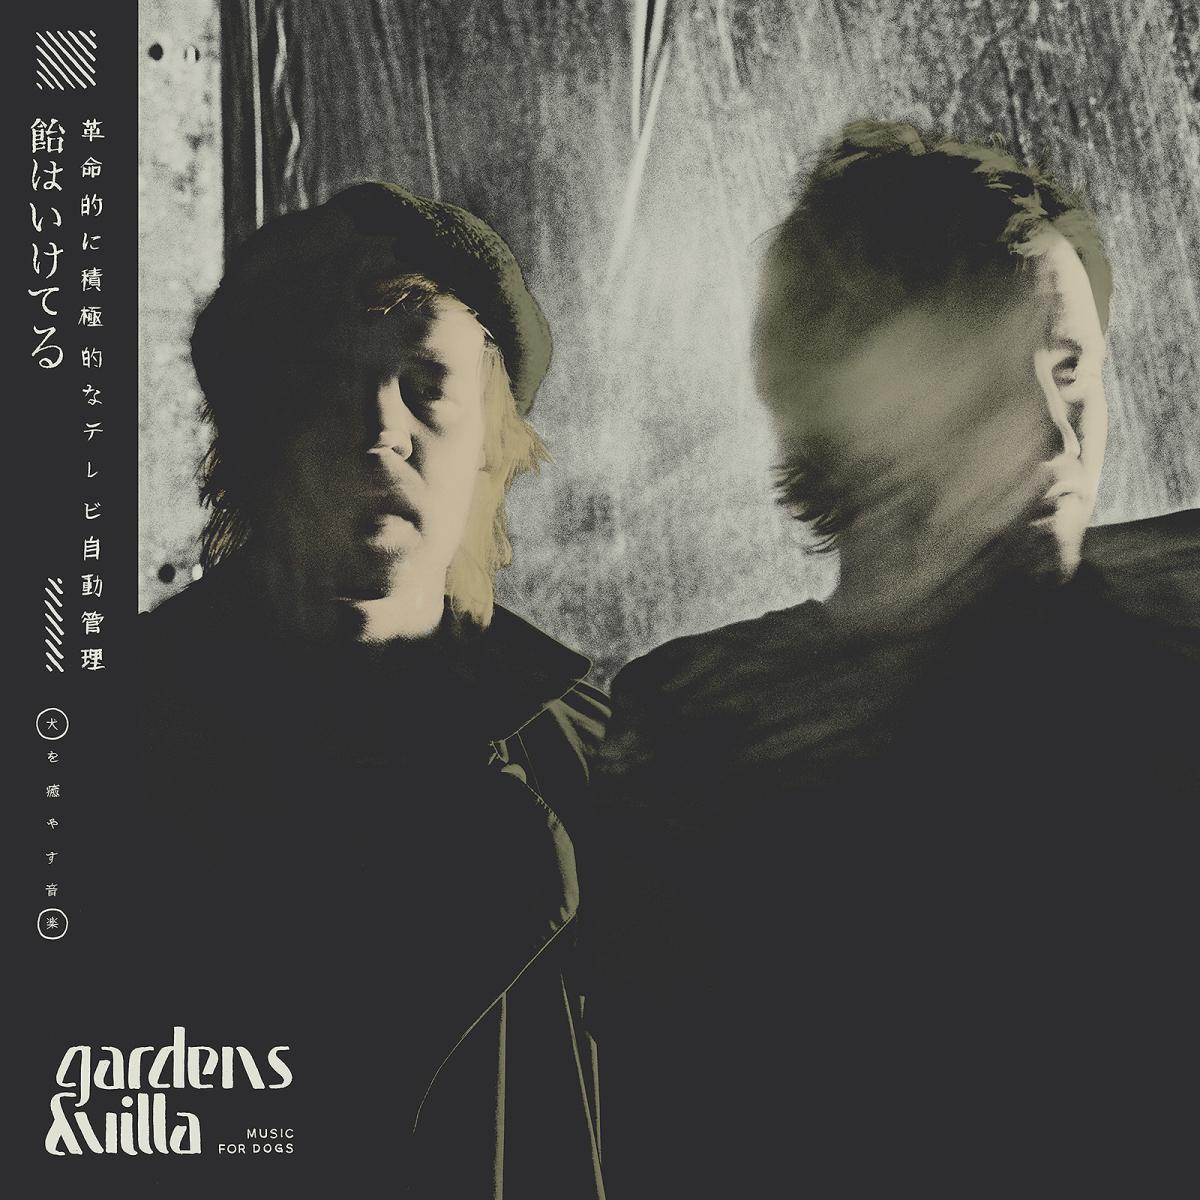 """Canción """"Everybody"""" de GARDENS & VILLA, GRATIS en Google Play Music."""